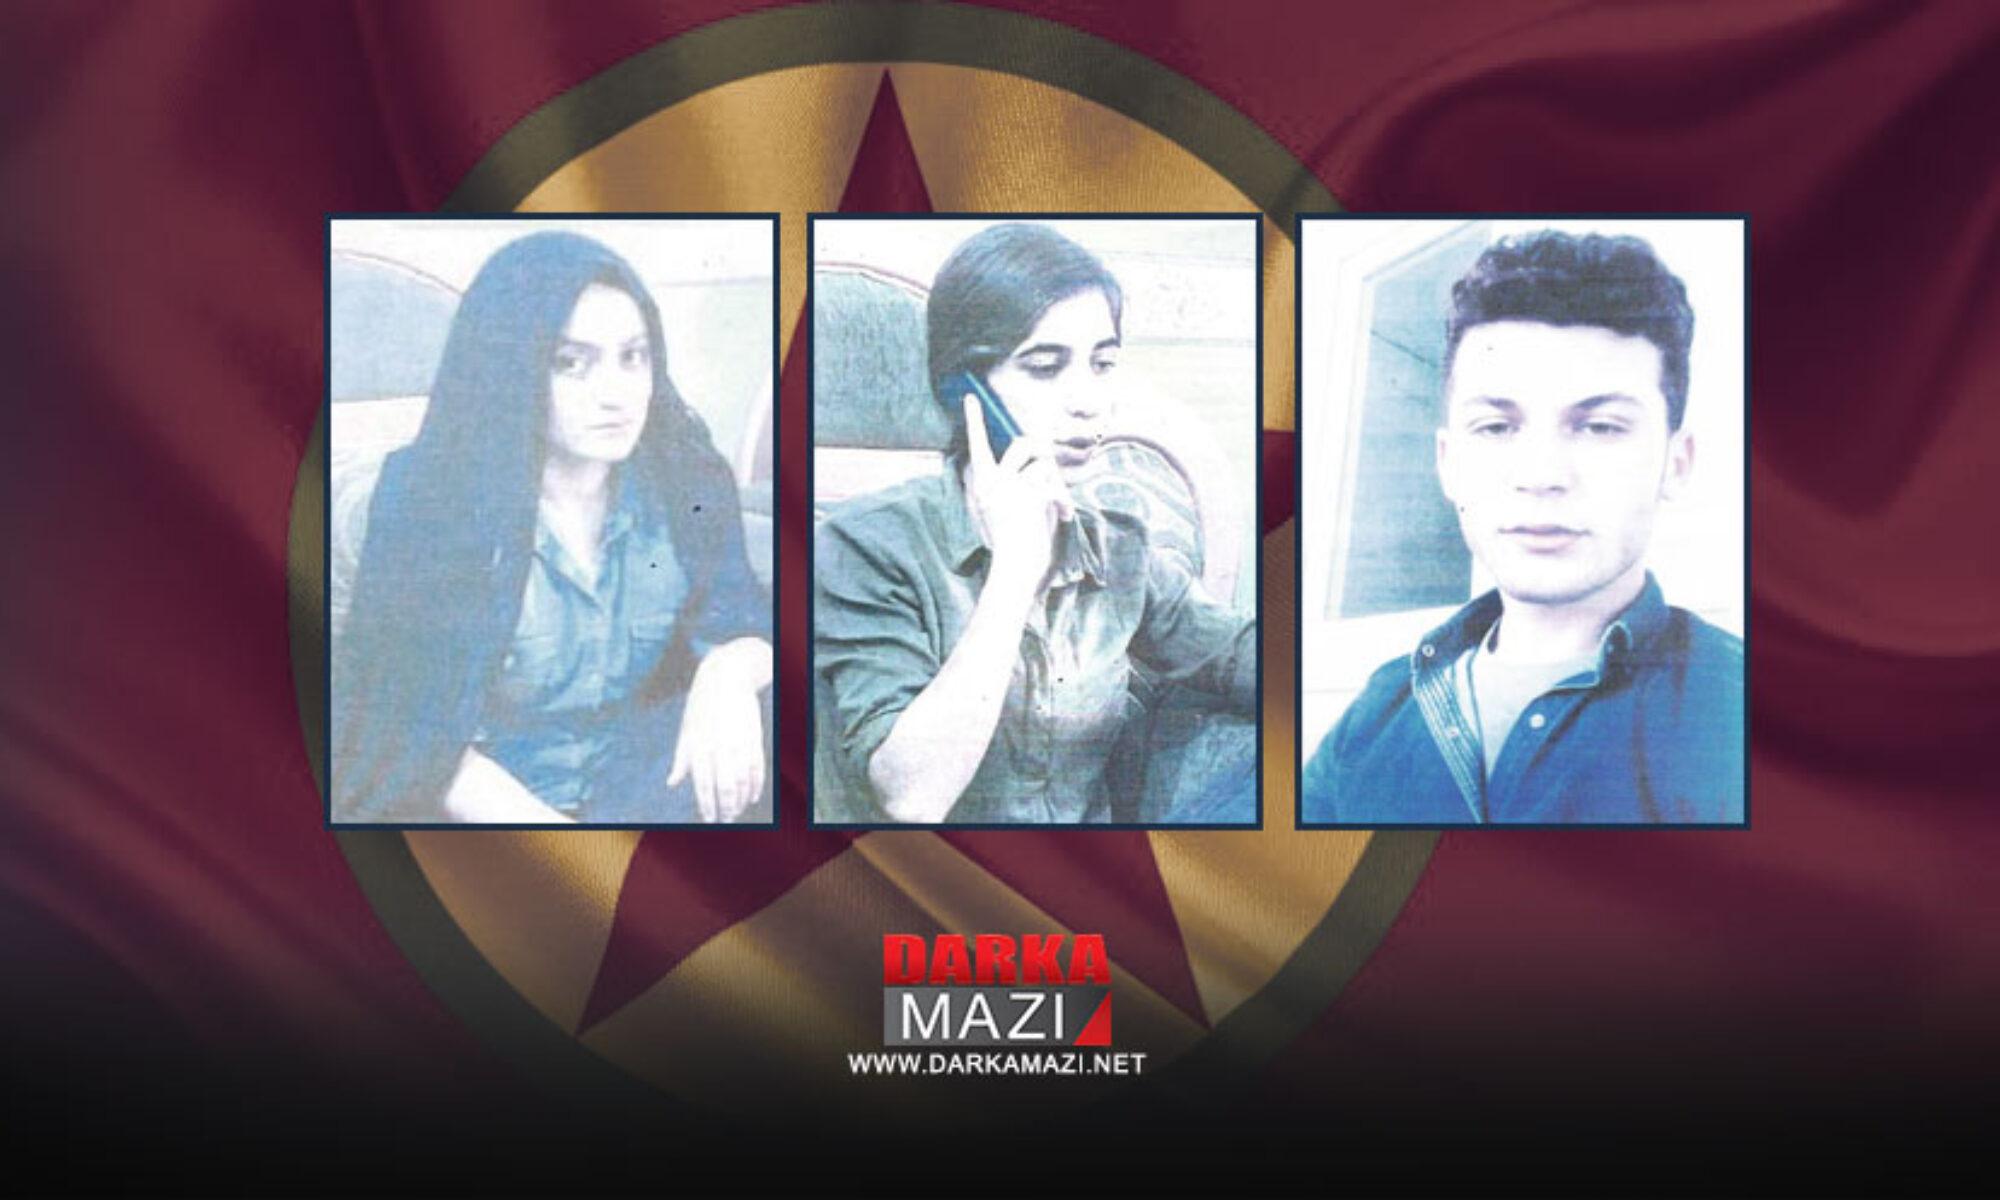 PKK'den ayrılmak isteyen üç Kürt genci Irak ordusu tarafından yine PKK'ye teslim edildi Mahmur Kampı; Rojava, gerilla, Kadro, Irak ordusu, YNK